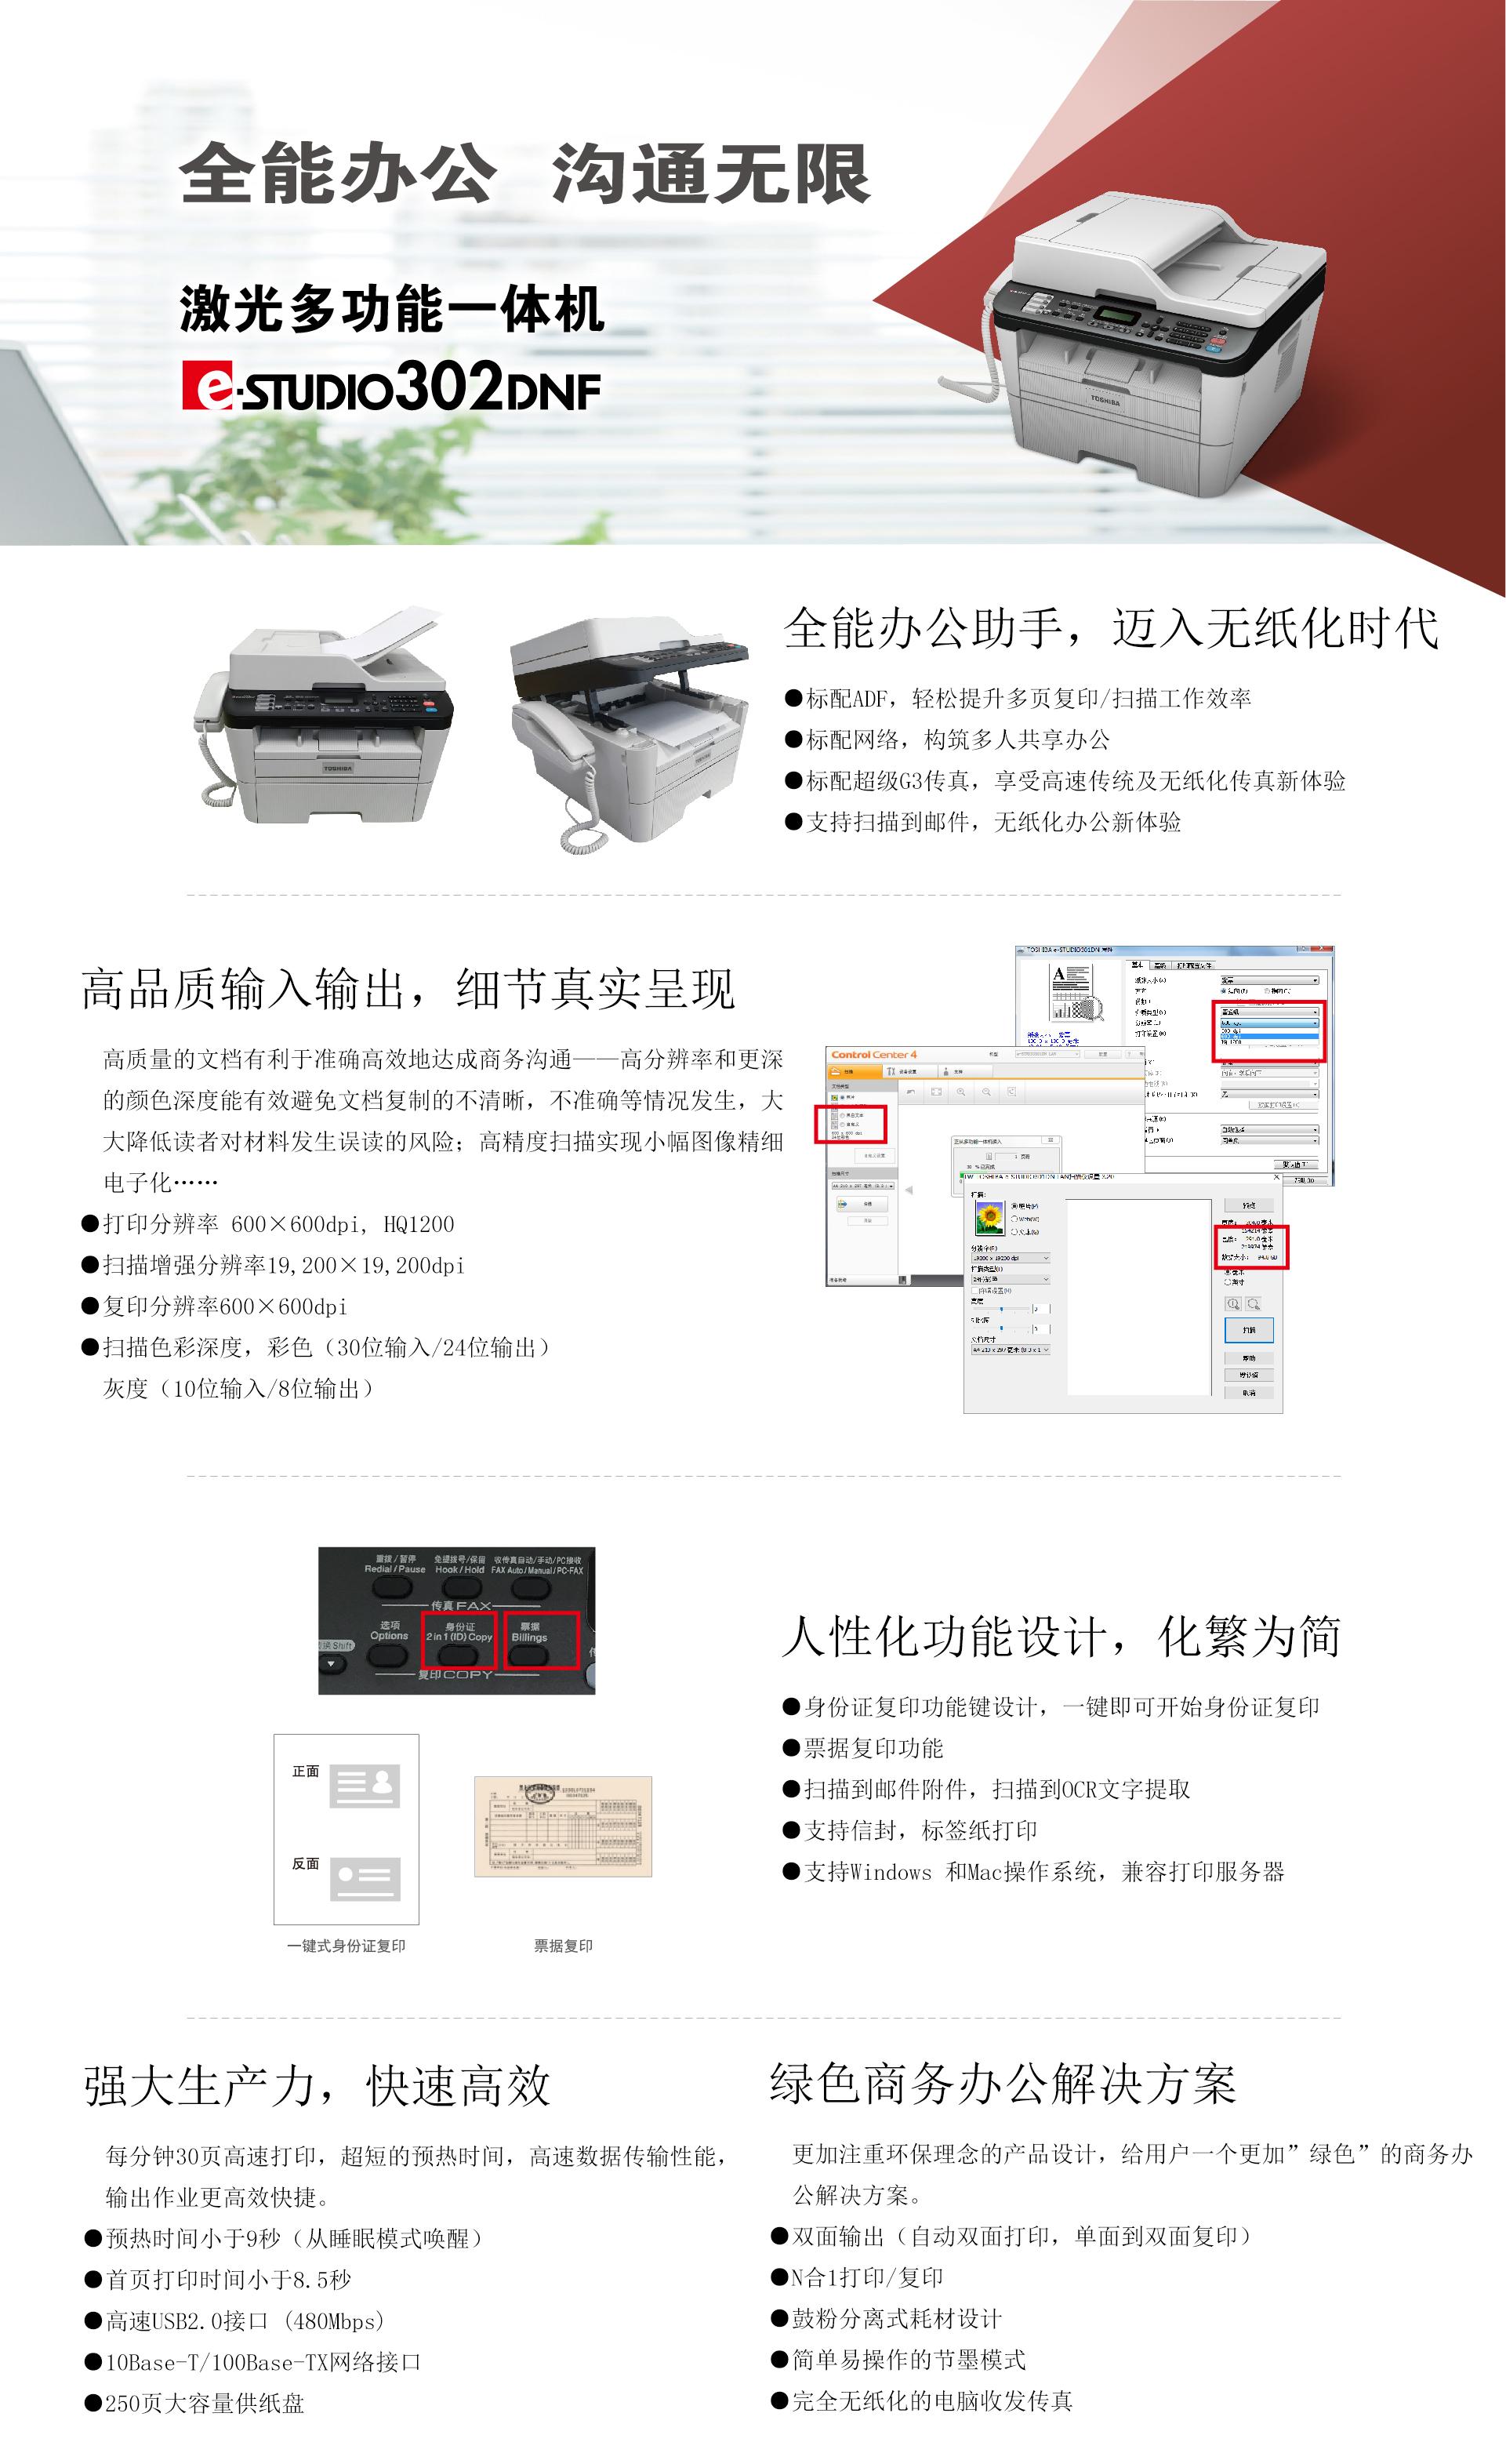 e-STUDIO302DNF